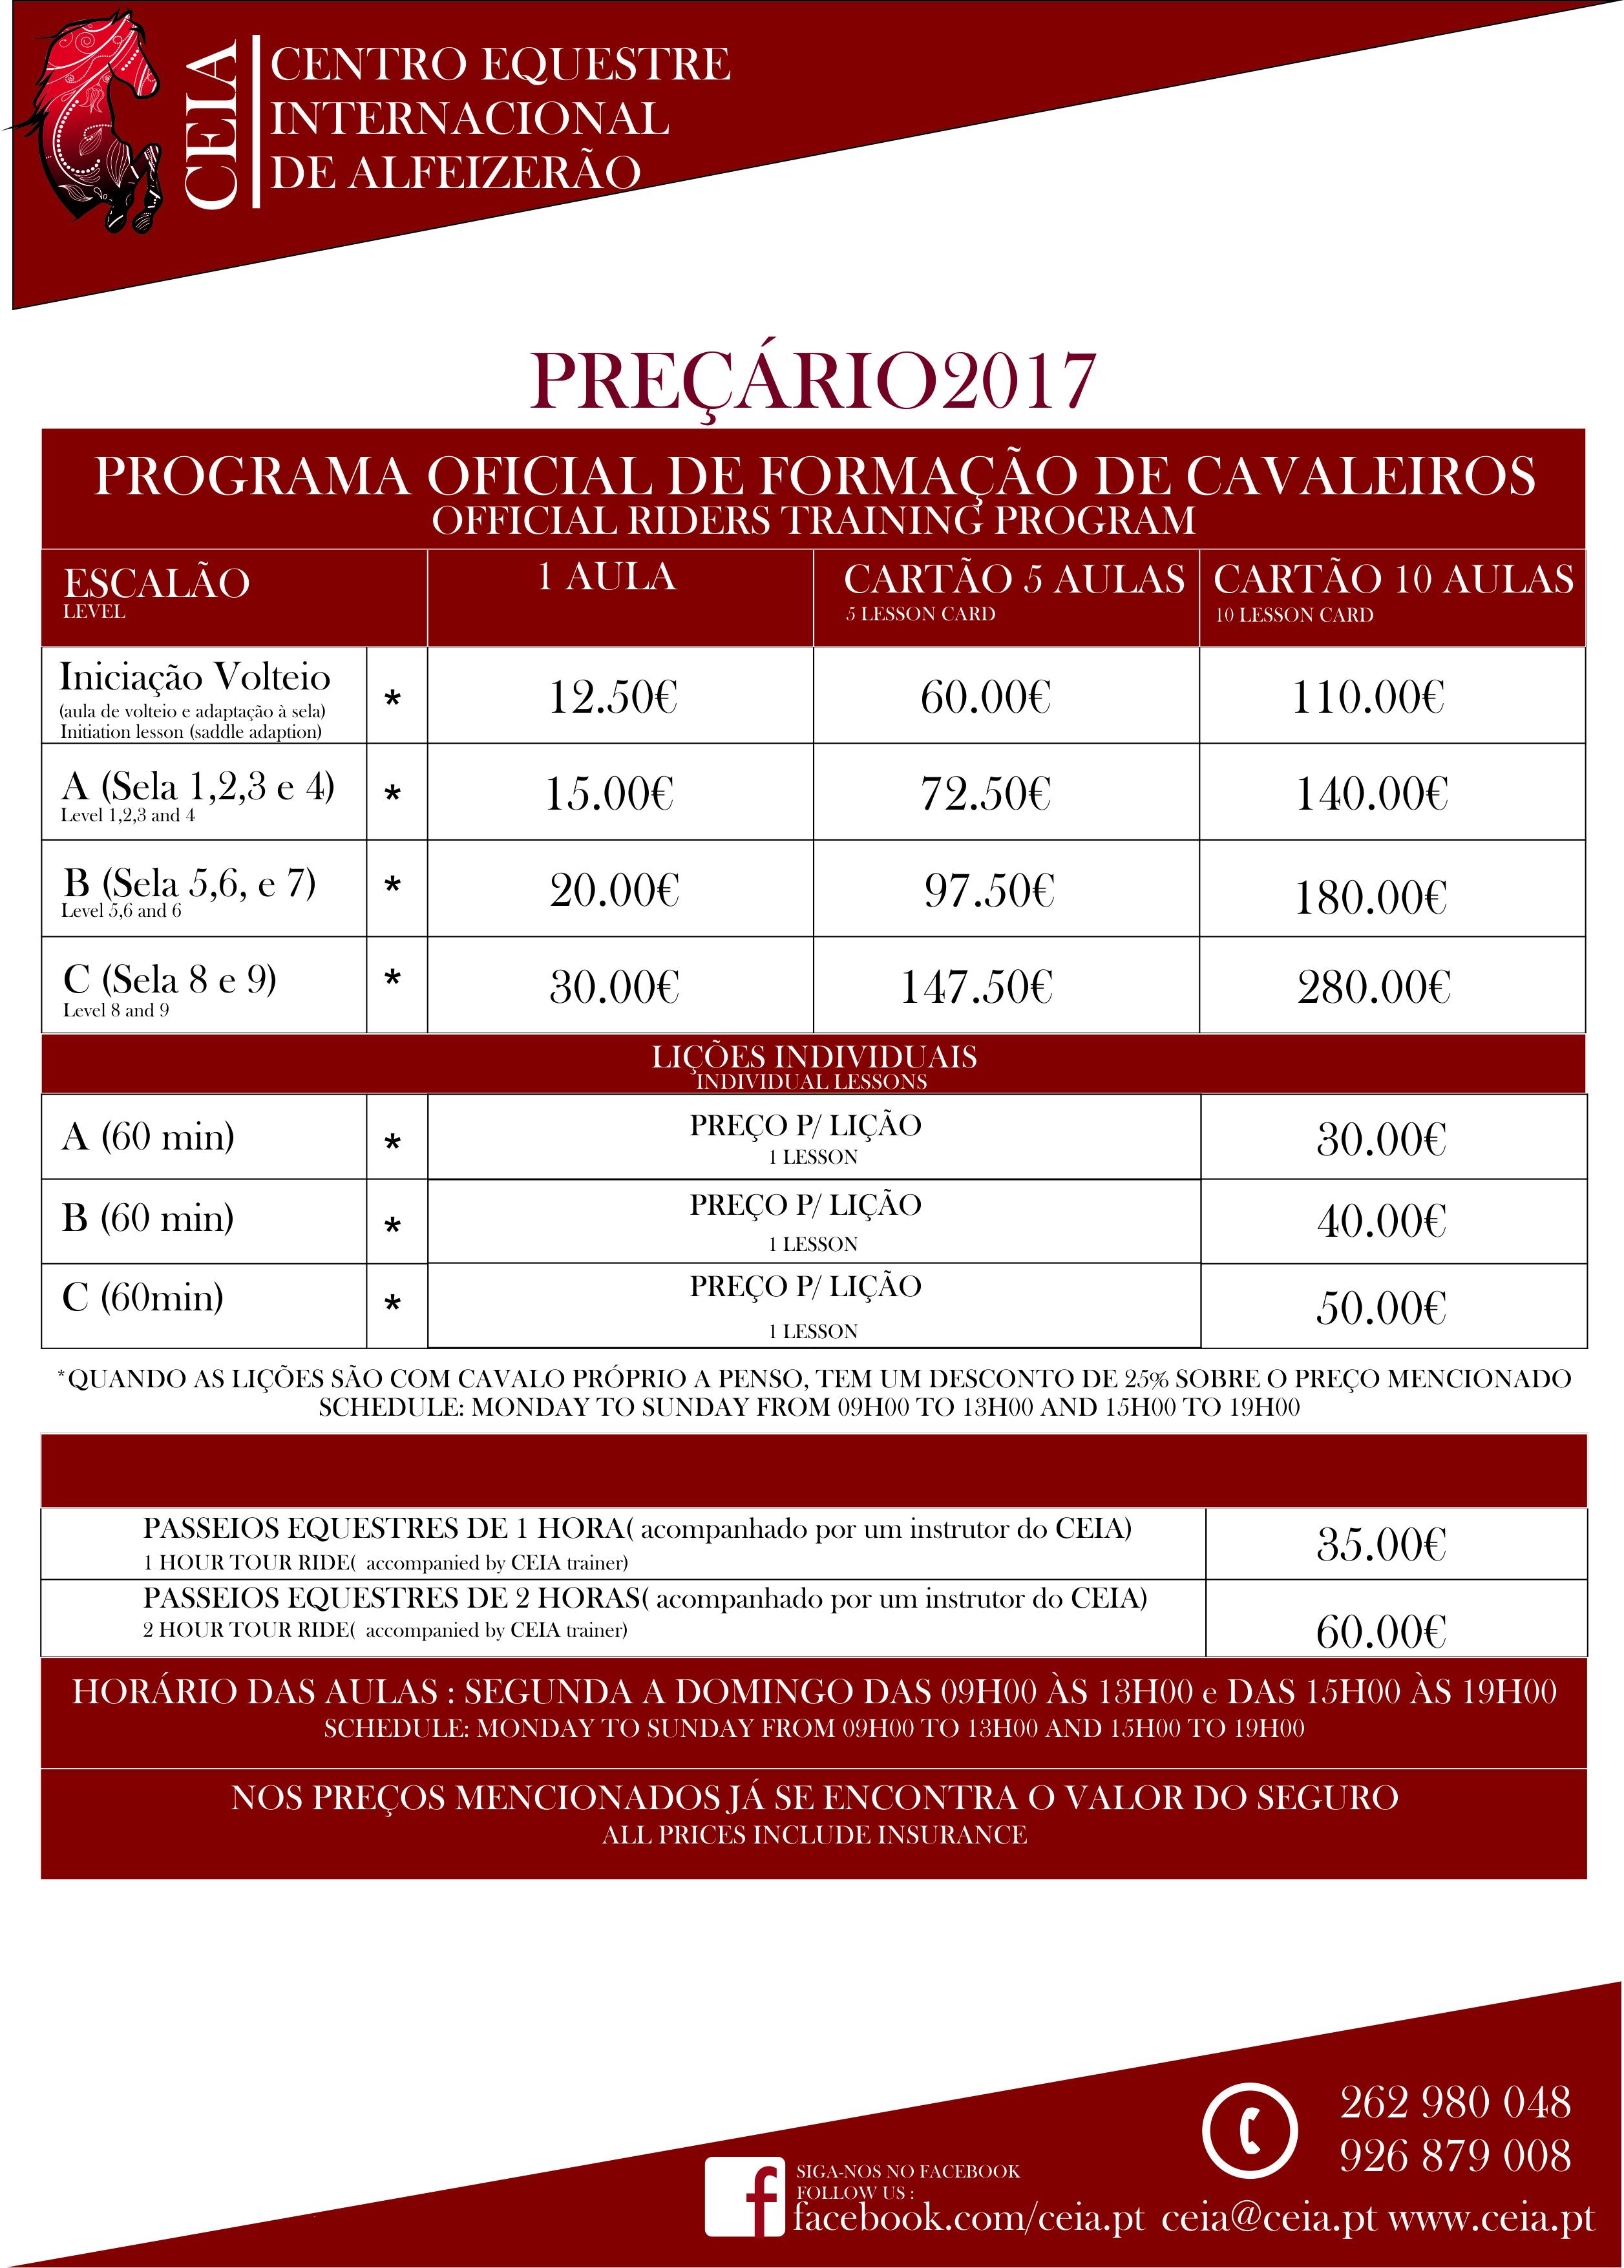 precario-2017print_